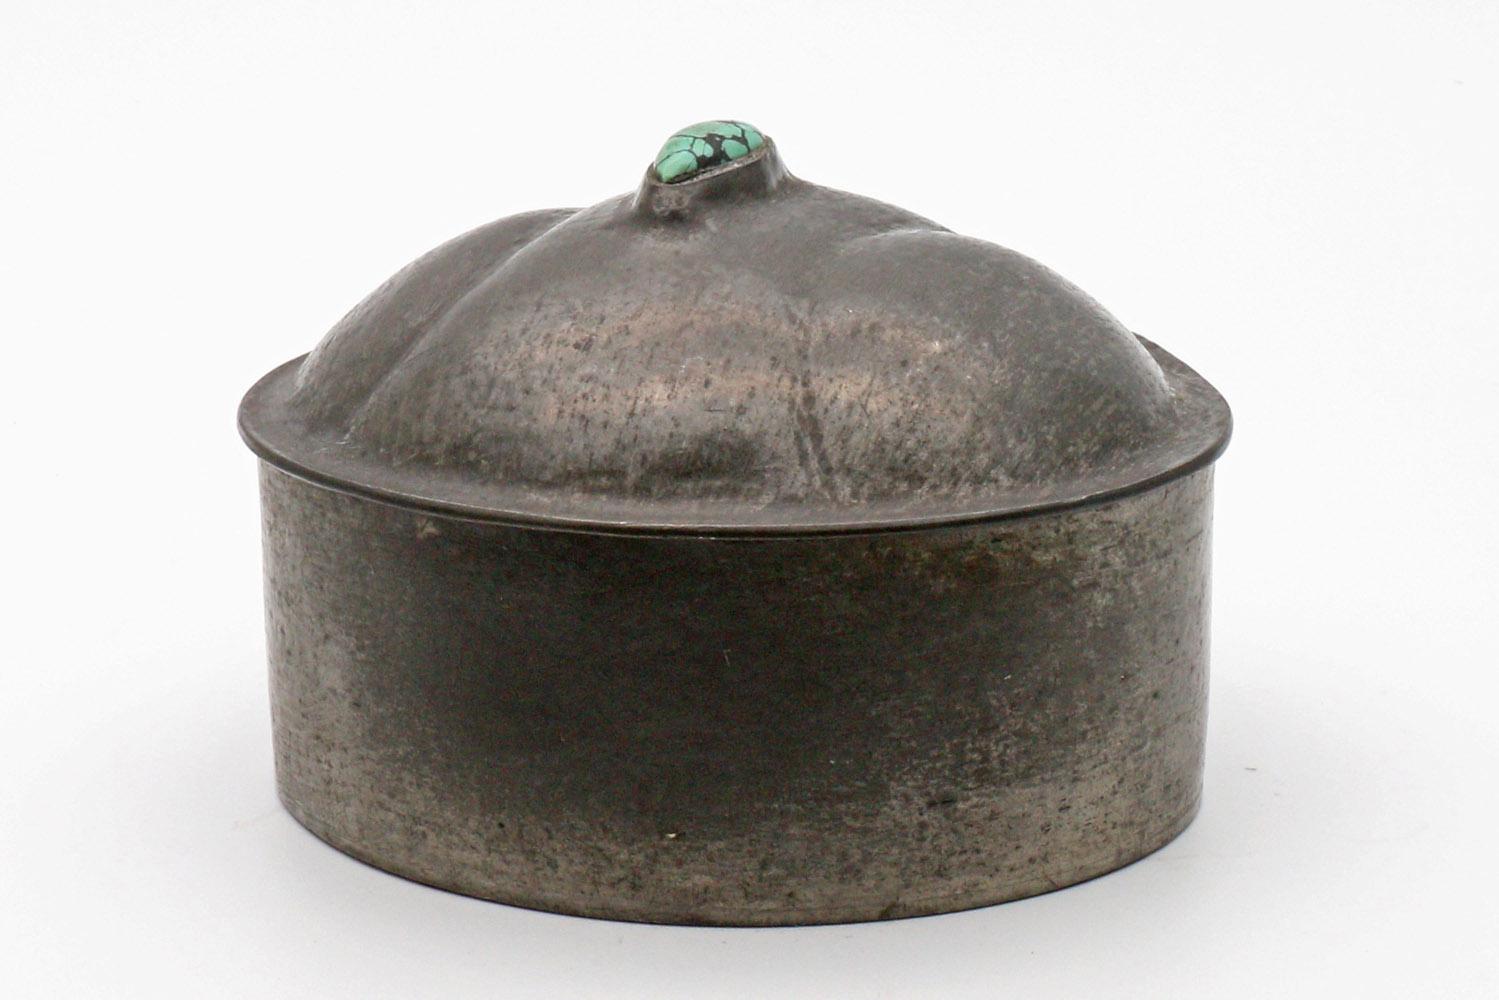 metal: bronze, brass, pewter